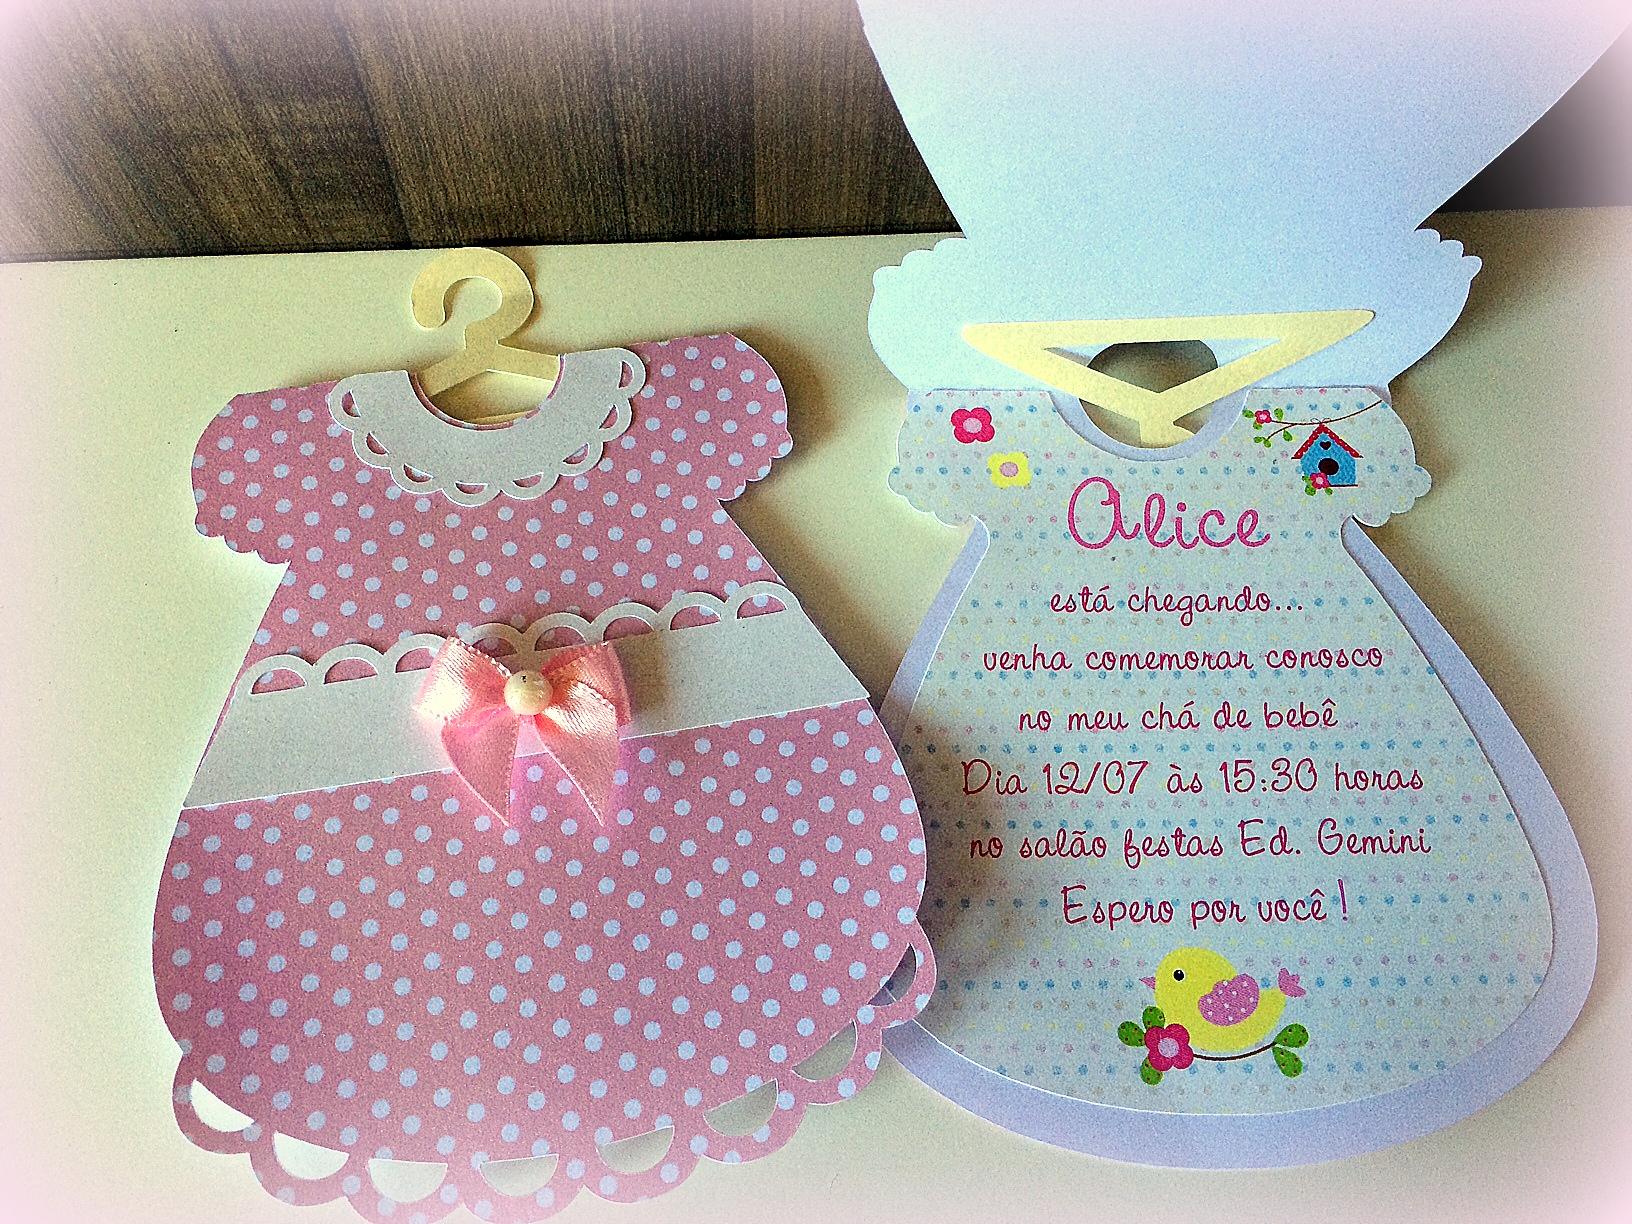 Convite Chá De Bebe Vestido No Elo7 Family Atelier Mimos